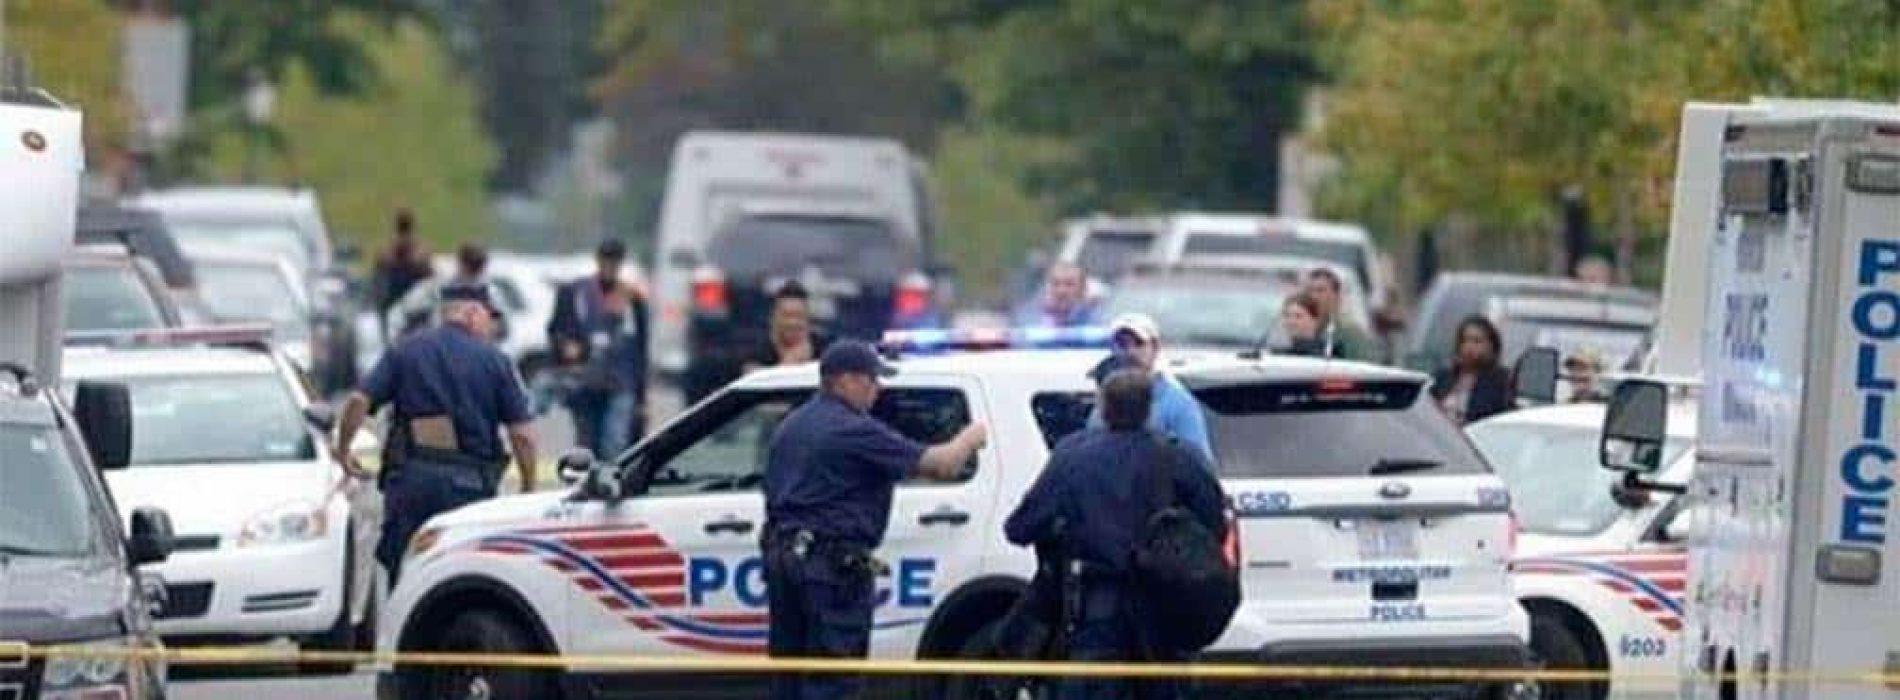 Muere joven en tiroteo en Alabama